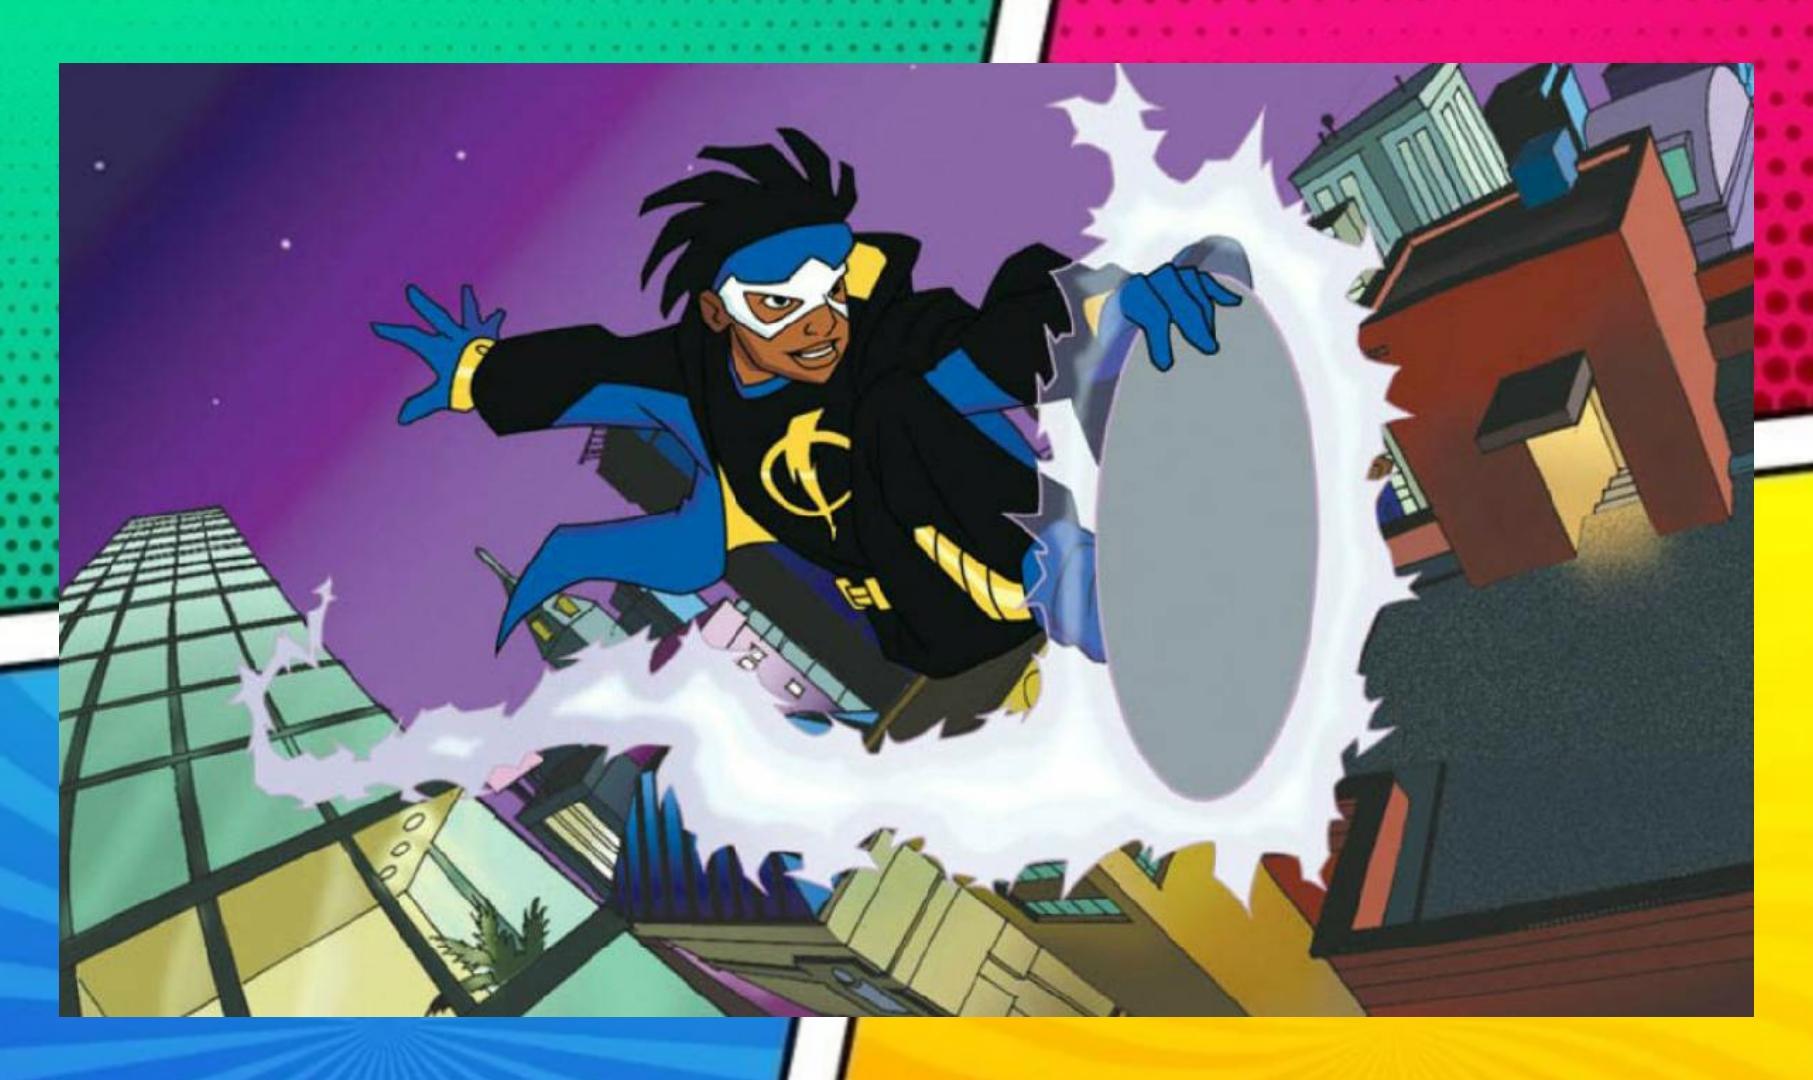 A imagem tem uma borda colorida, e no centro uma cena do desenho Cuper-Choque, onde o super-herói sobrevoa a cidade usando sua prancha eletromagnética.